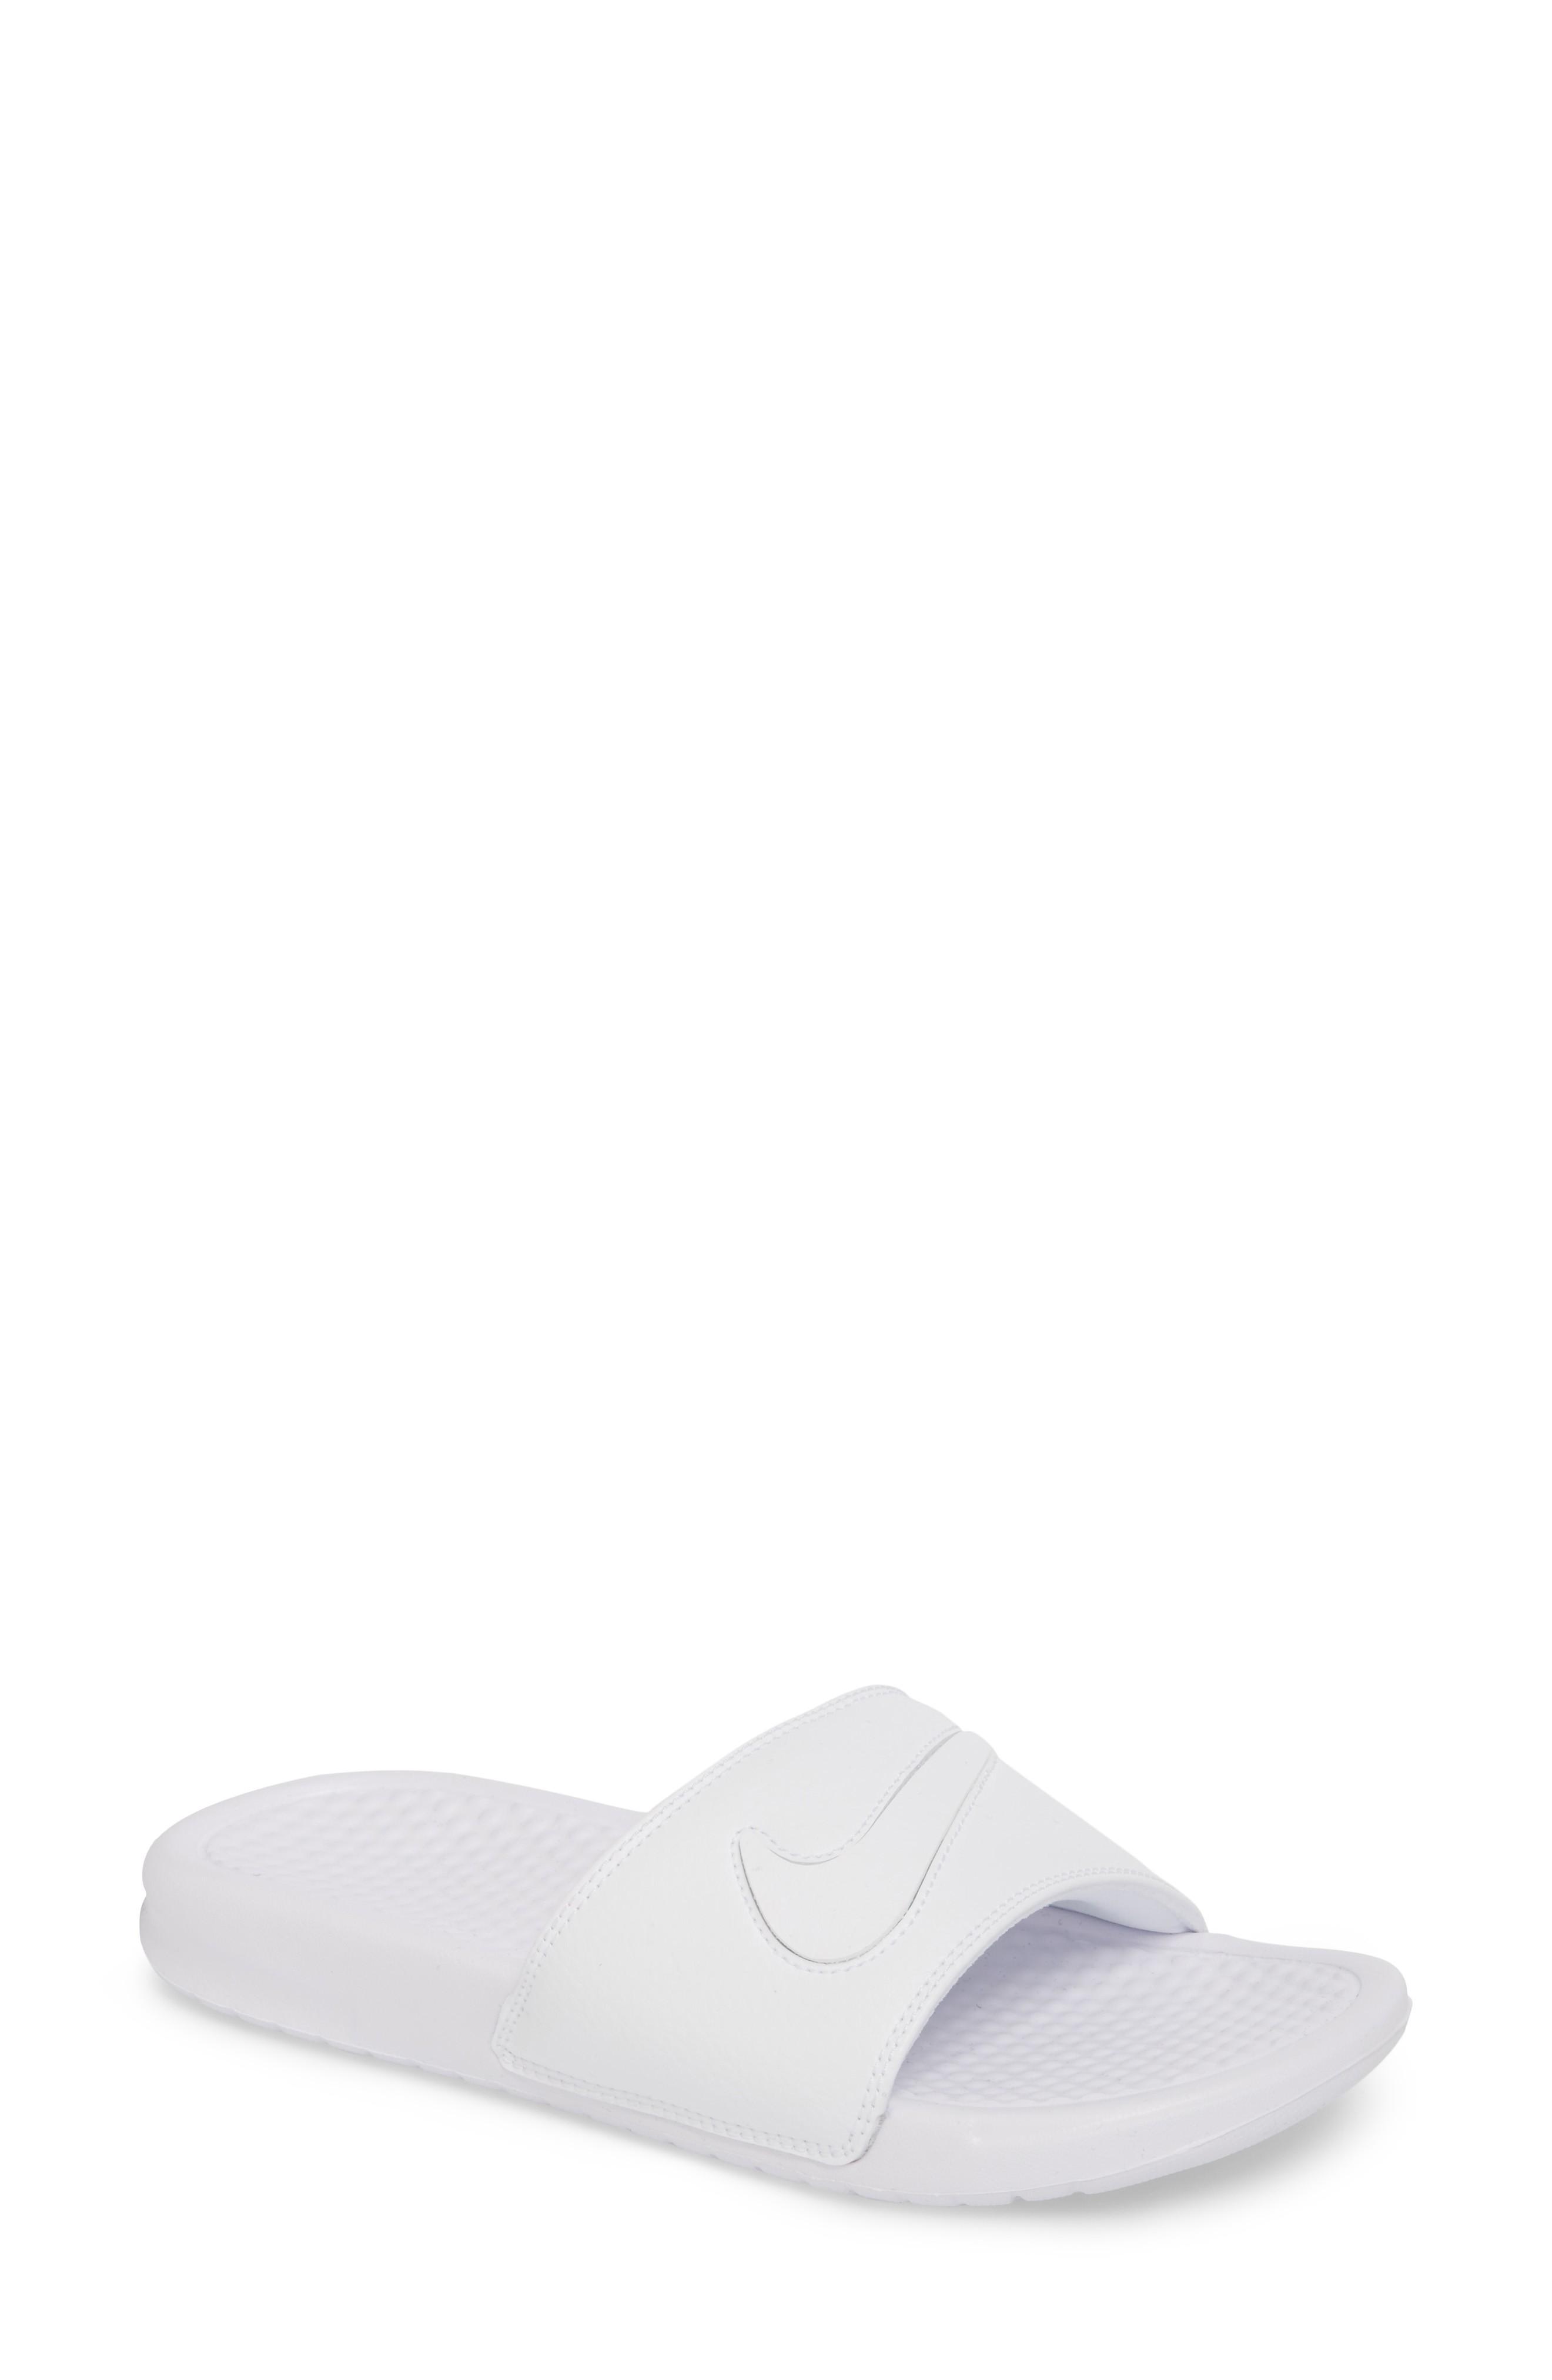 1d1e944fe1a4c Nike Men s Benassi Jdi Limited Diy Slide Sandals